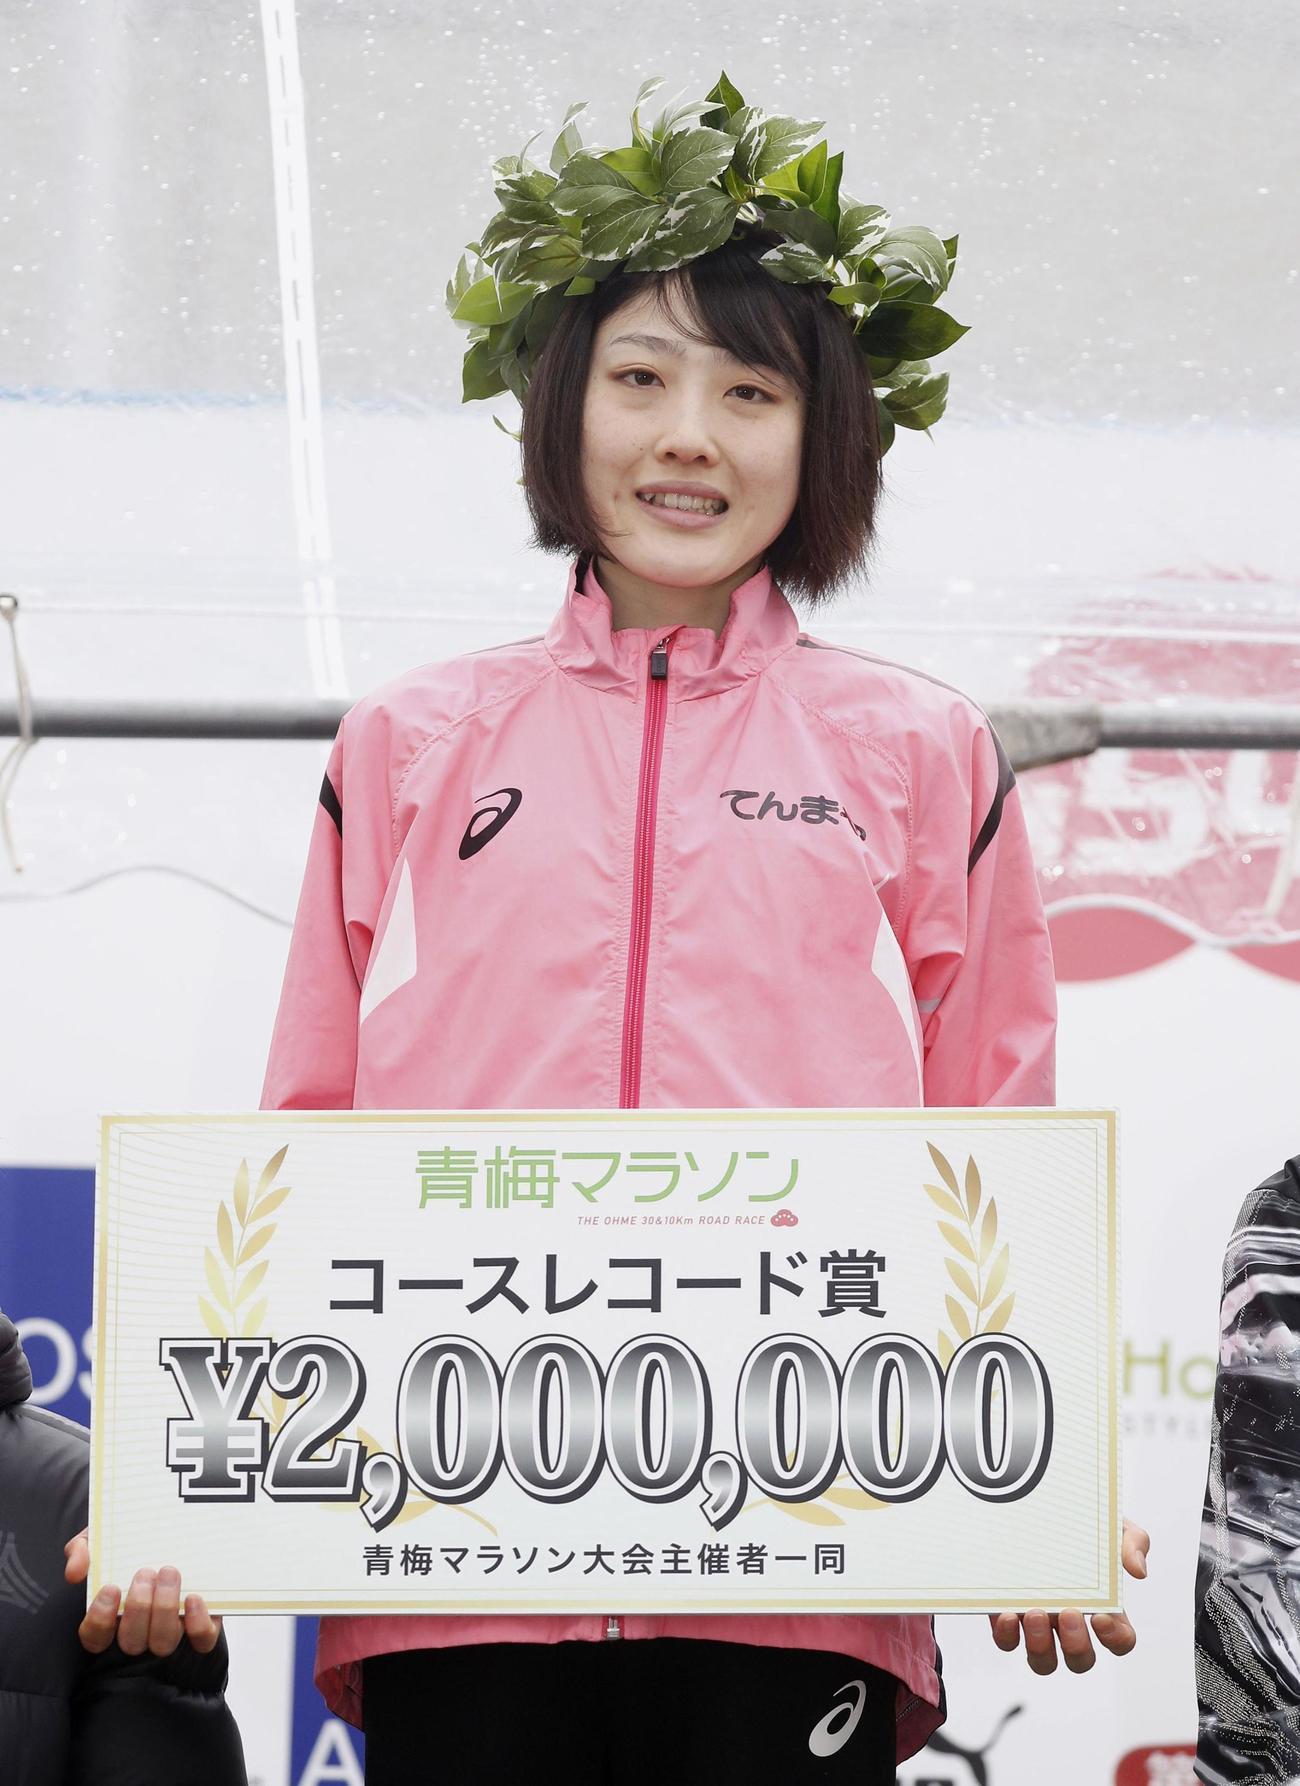 青梅マラソンで日本新記録をマークして優勝し、表彰式で笑顔を見せる前田穂南(共同)